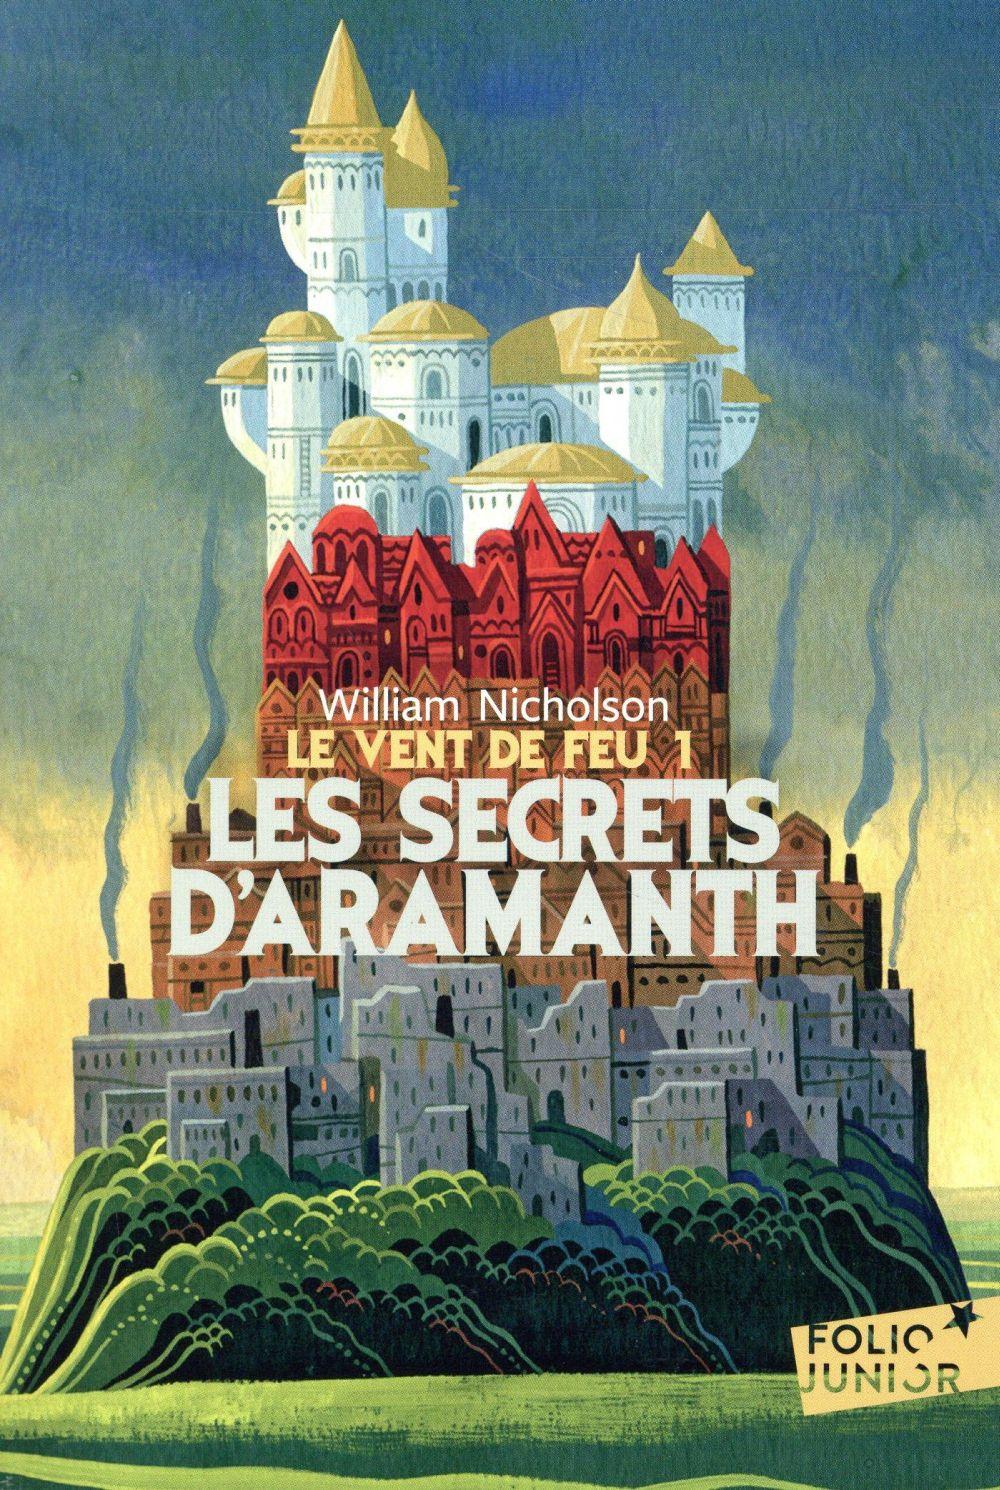 LES SECRETS D'ARAMANTH